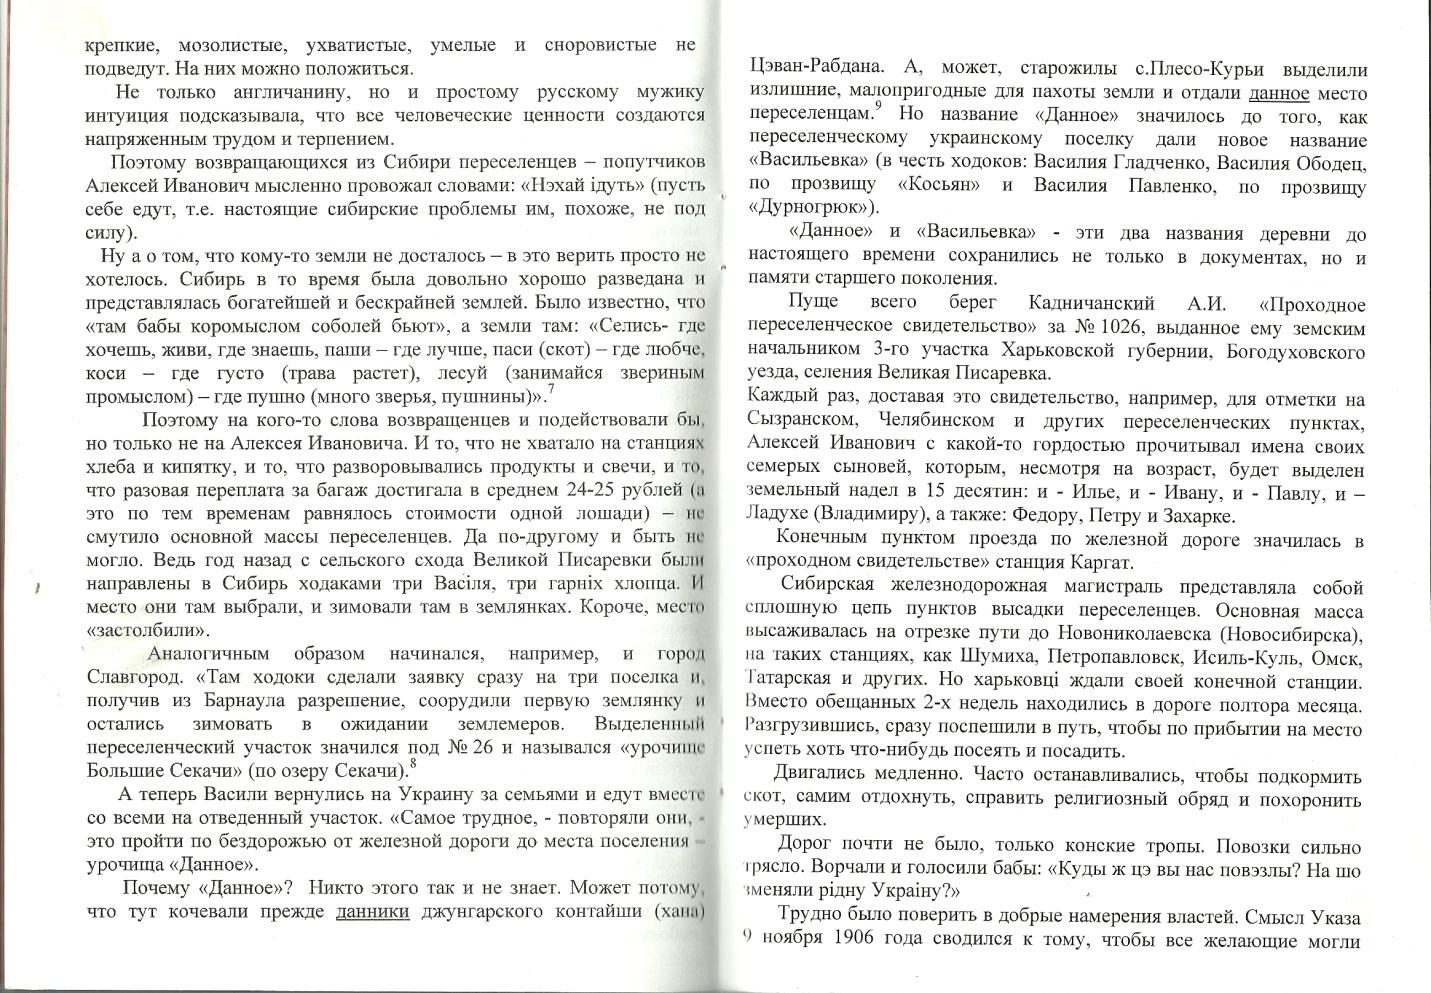 C:\Users\Ирина\Desktop\книга Кадничанский И Е о васильевке\сканирование0008.jpg